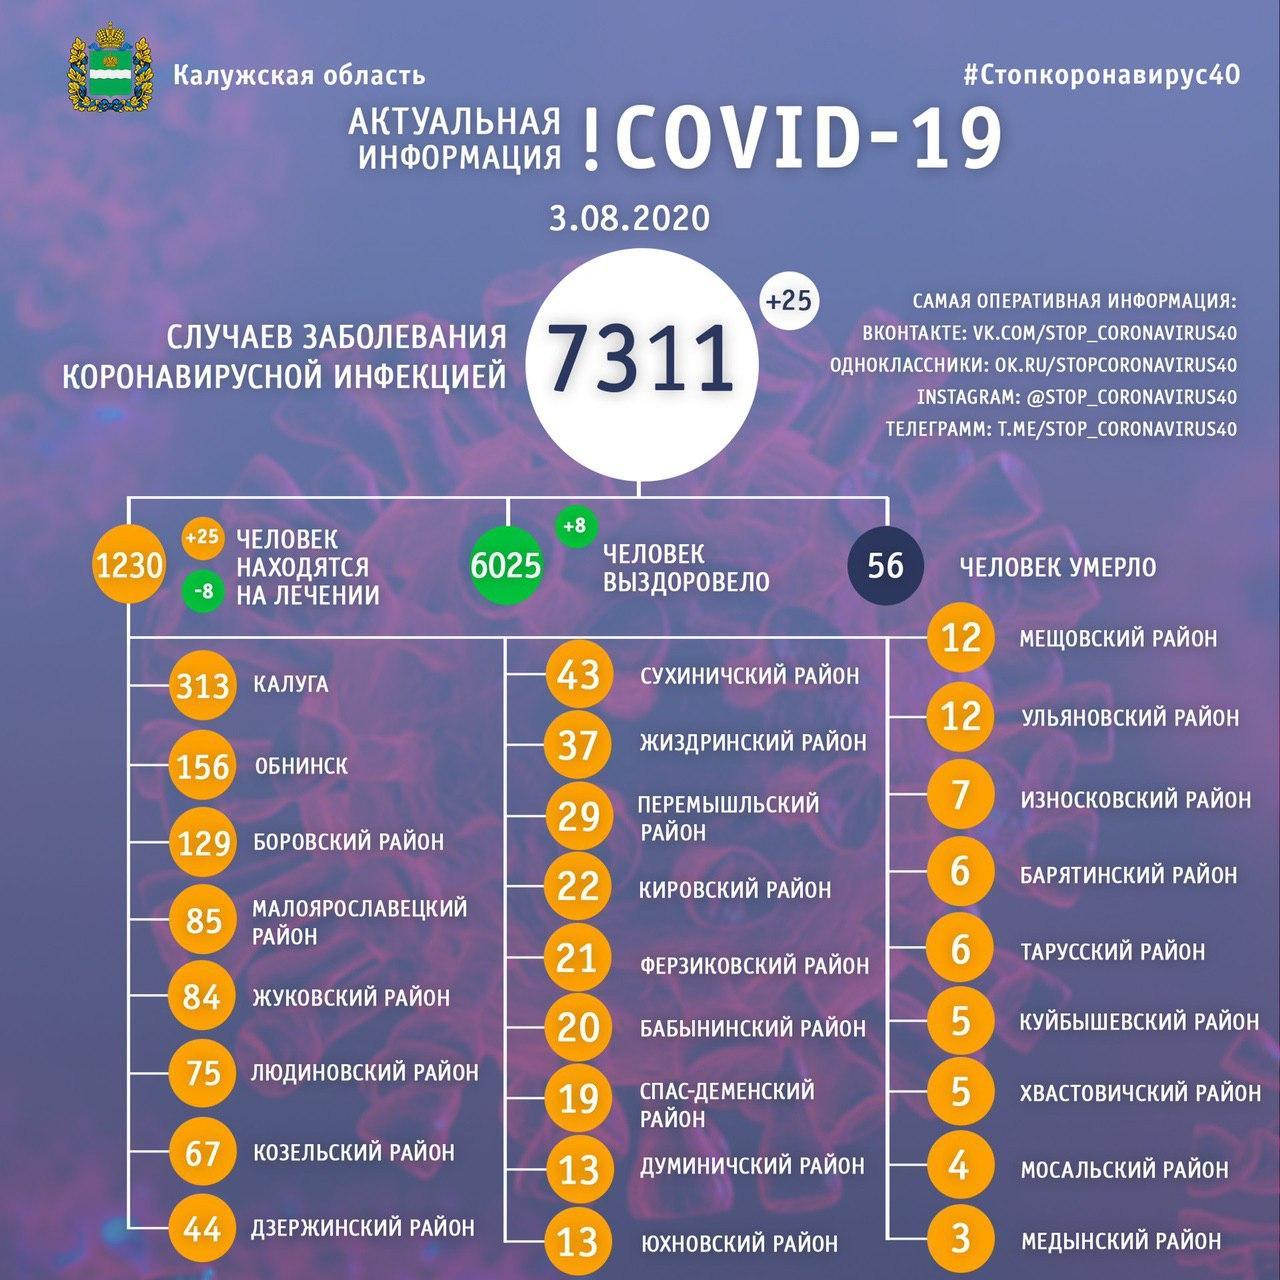 Коронавирус в Калужской области 3 августа 2020 года